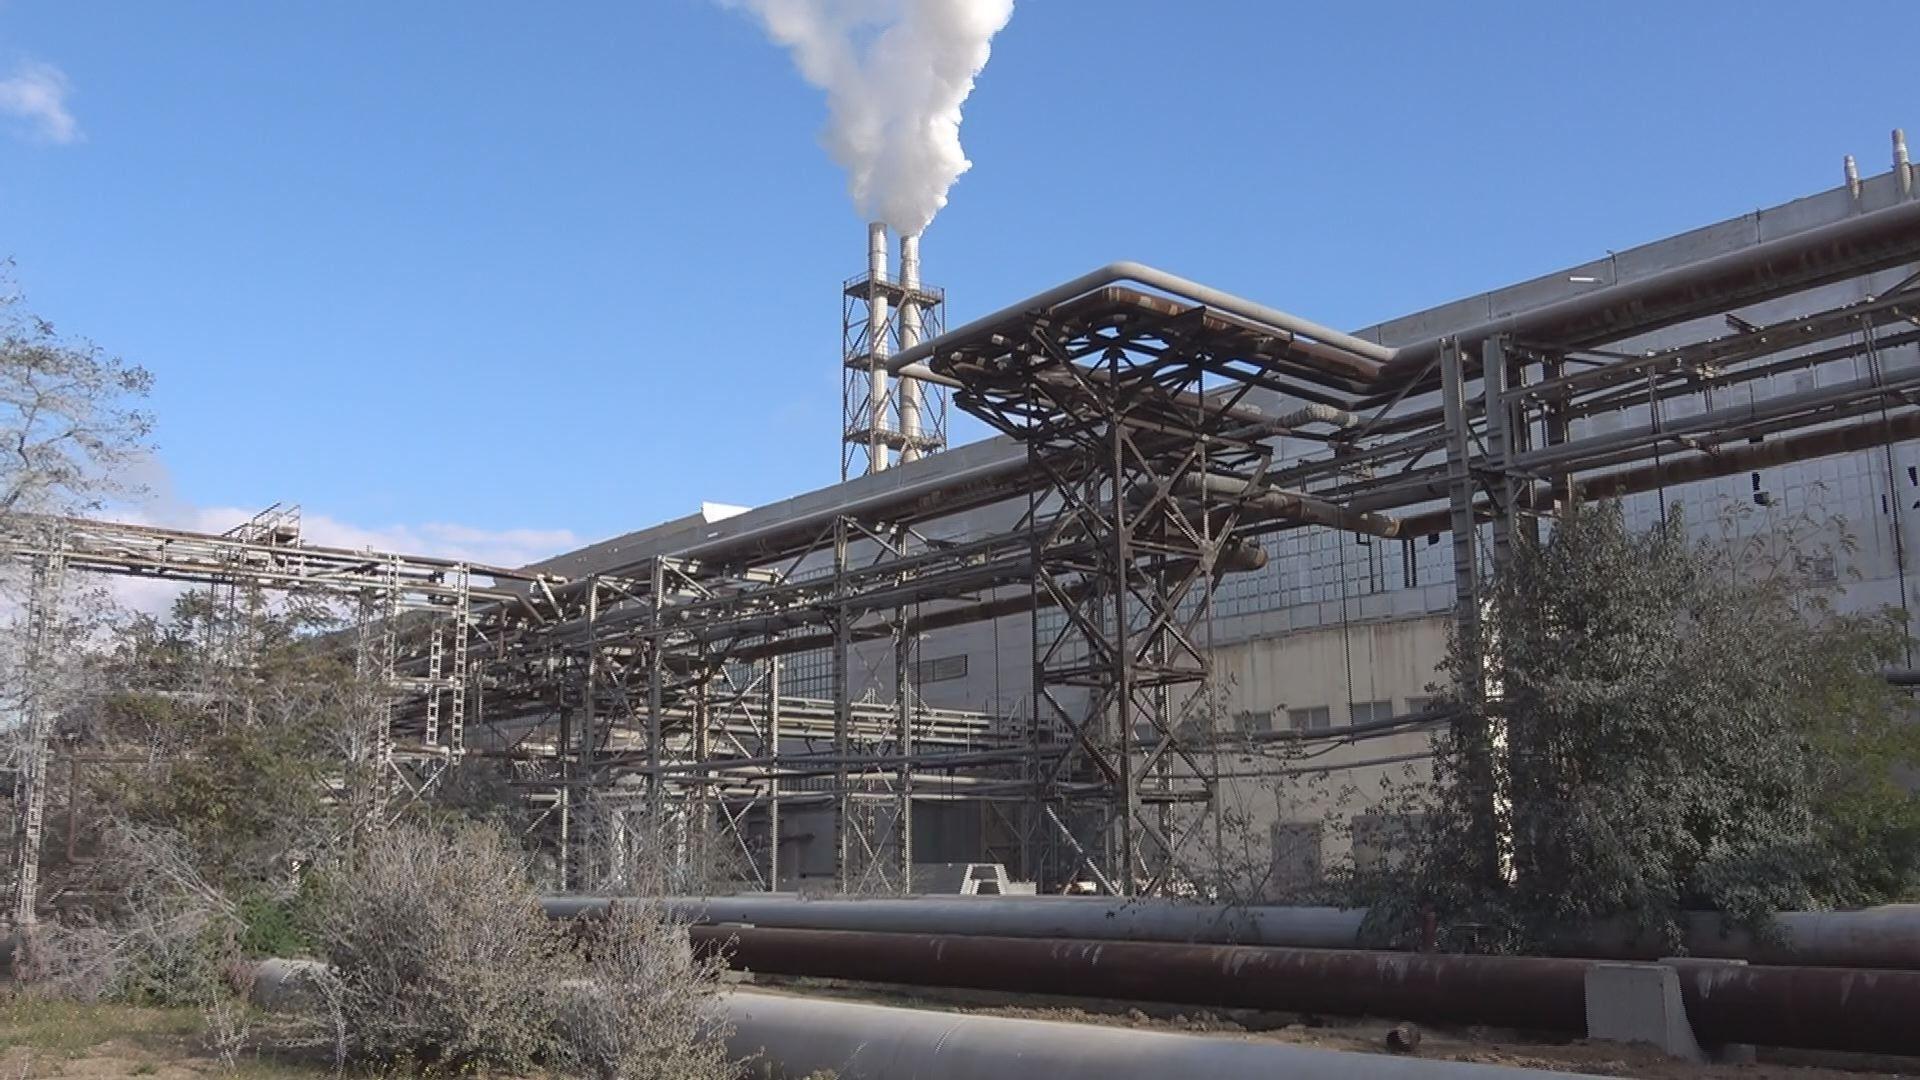 Сильнейшая засуха мучит жителей Армянска: оккупанты РФ пытаются оправдать выбросы опасных химикатов в Крыму